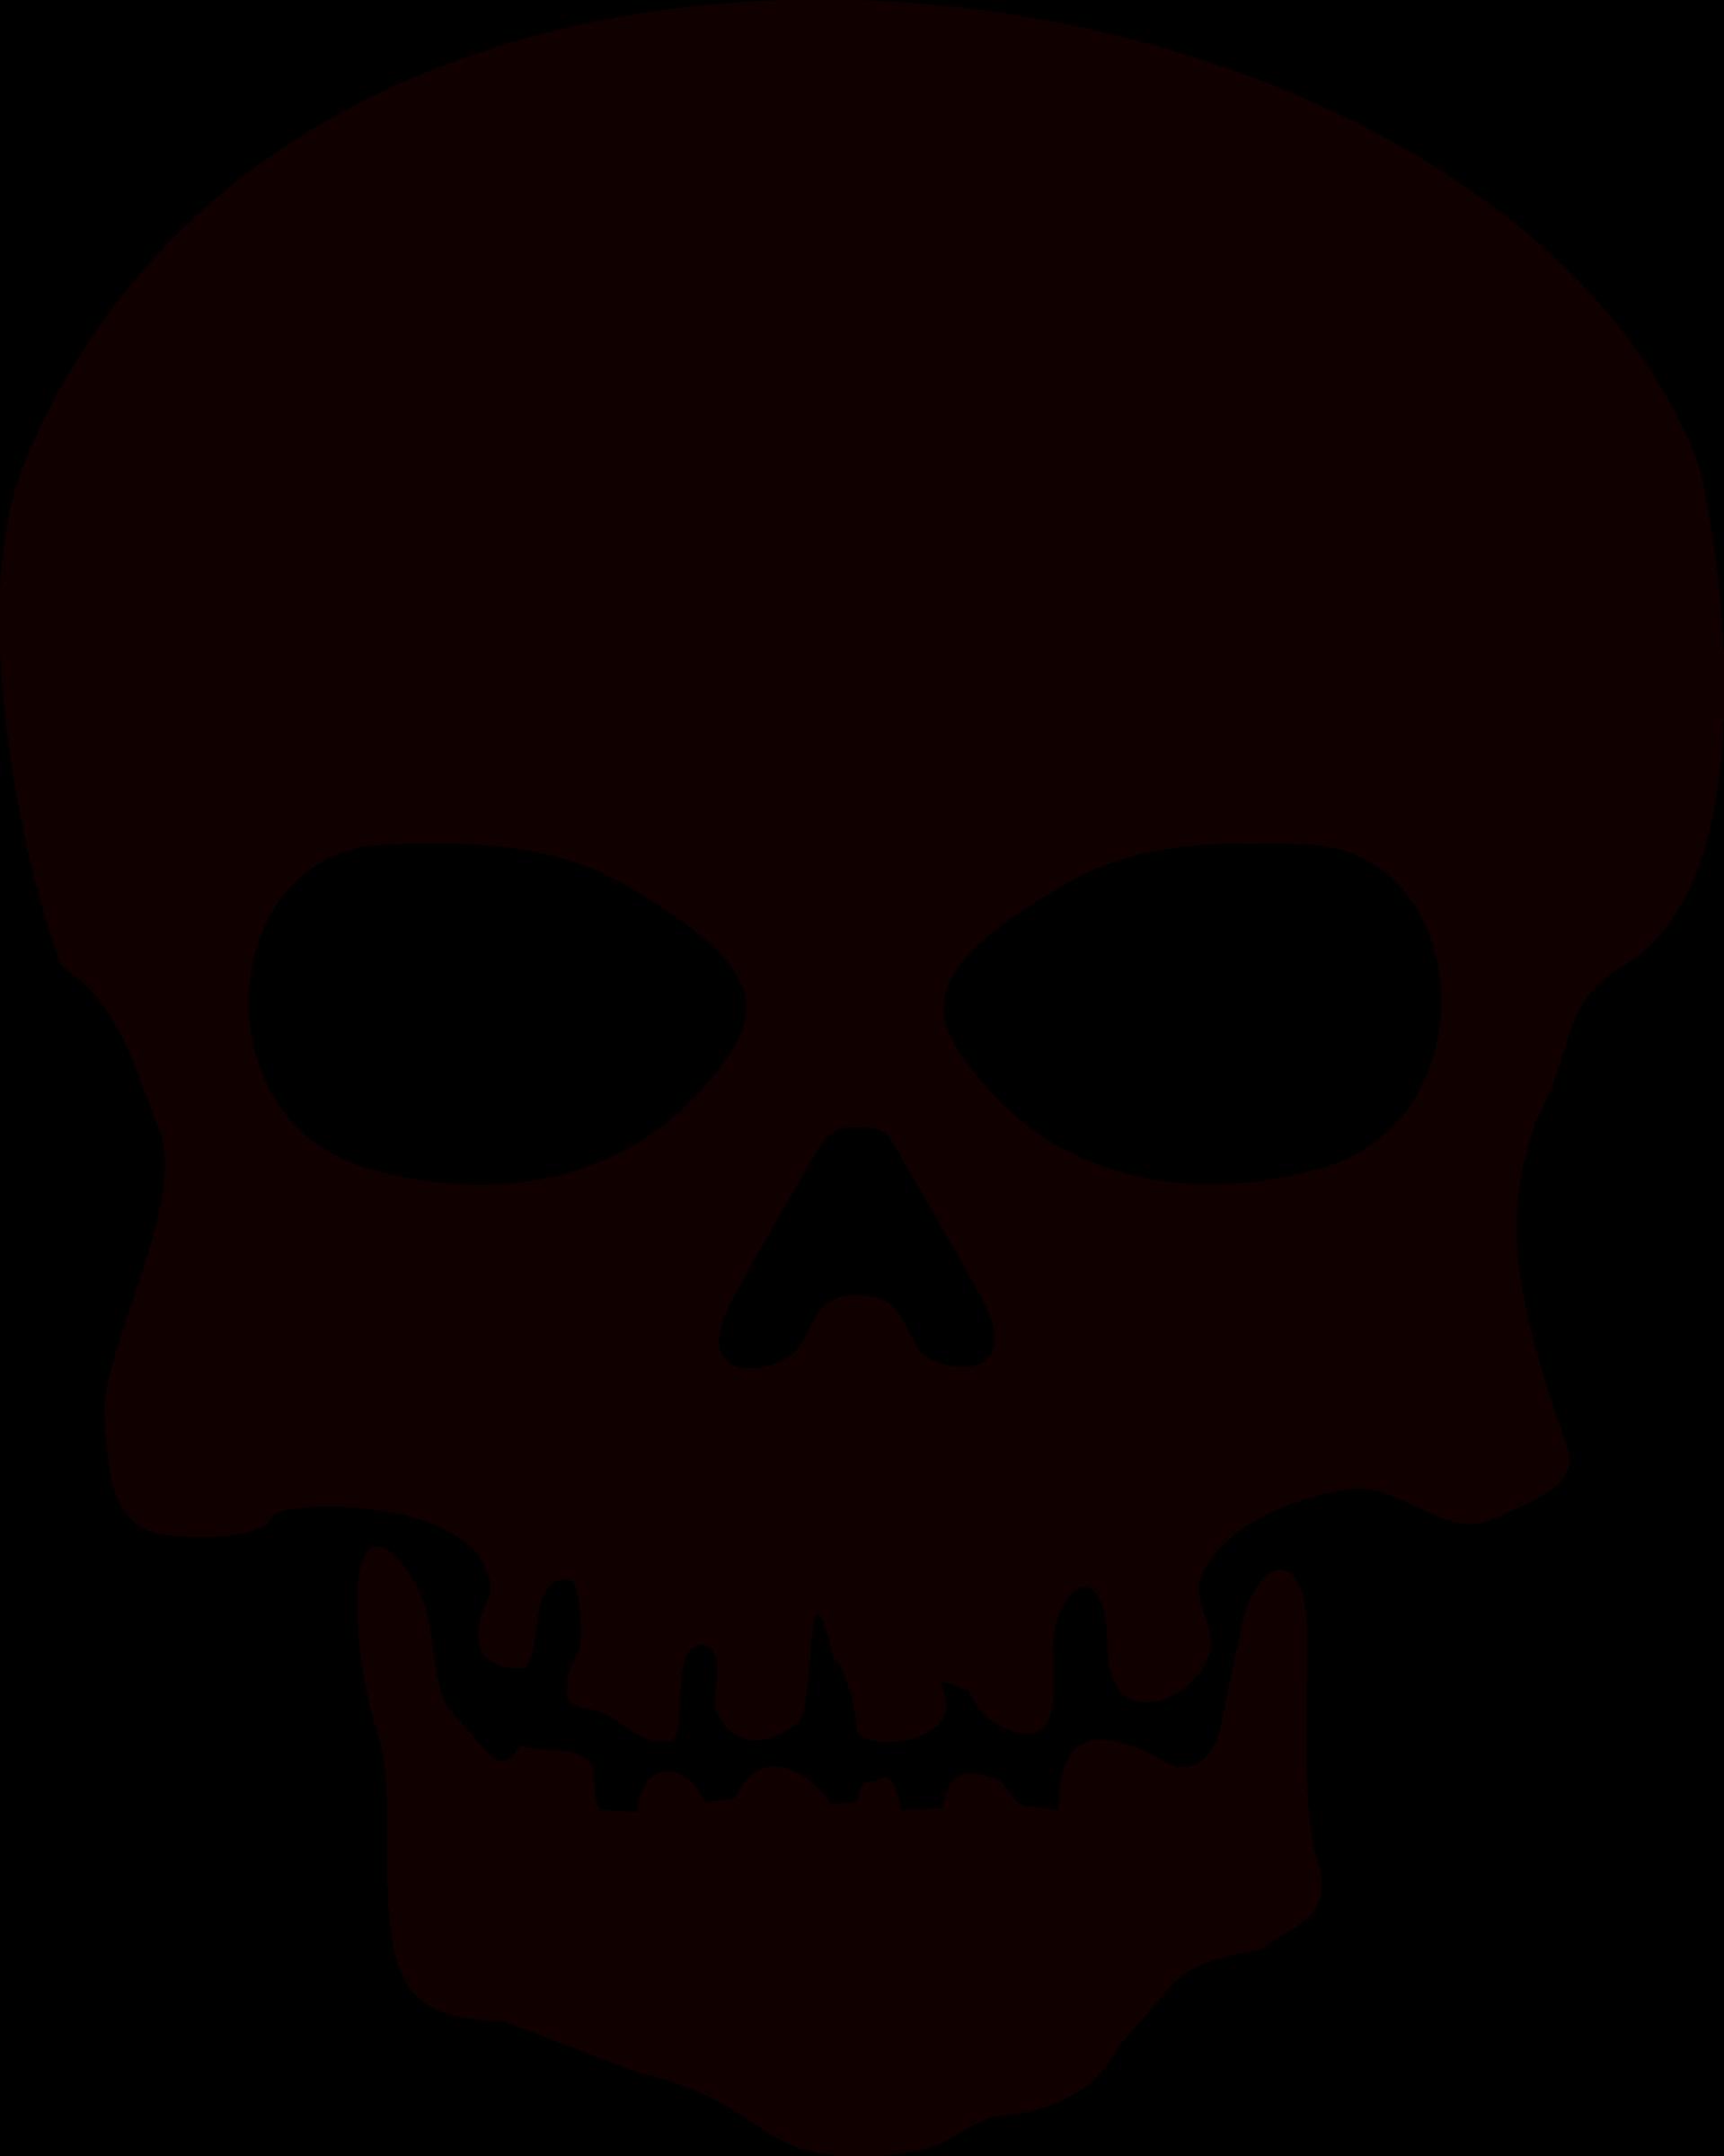 Ssckull clipart friendly Image logo Skeleton PNG Skull